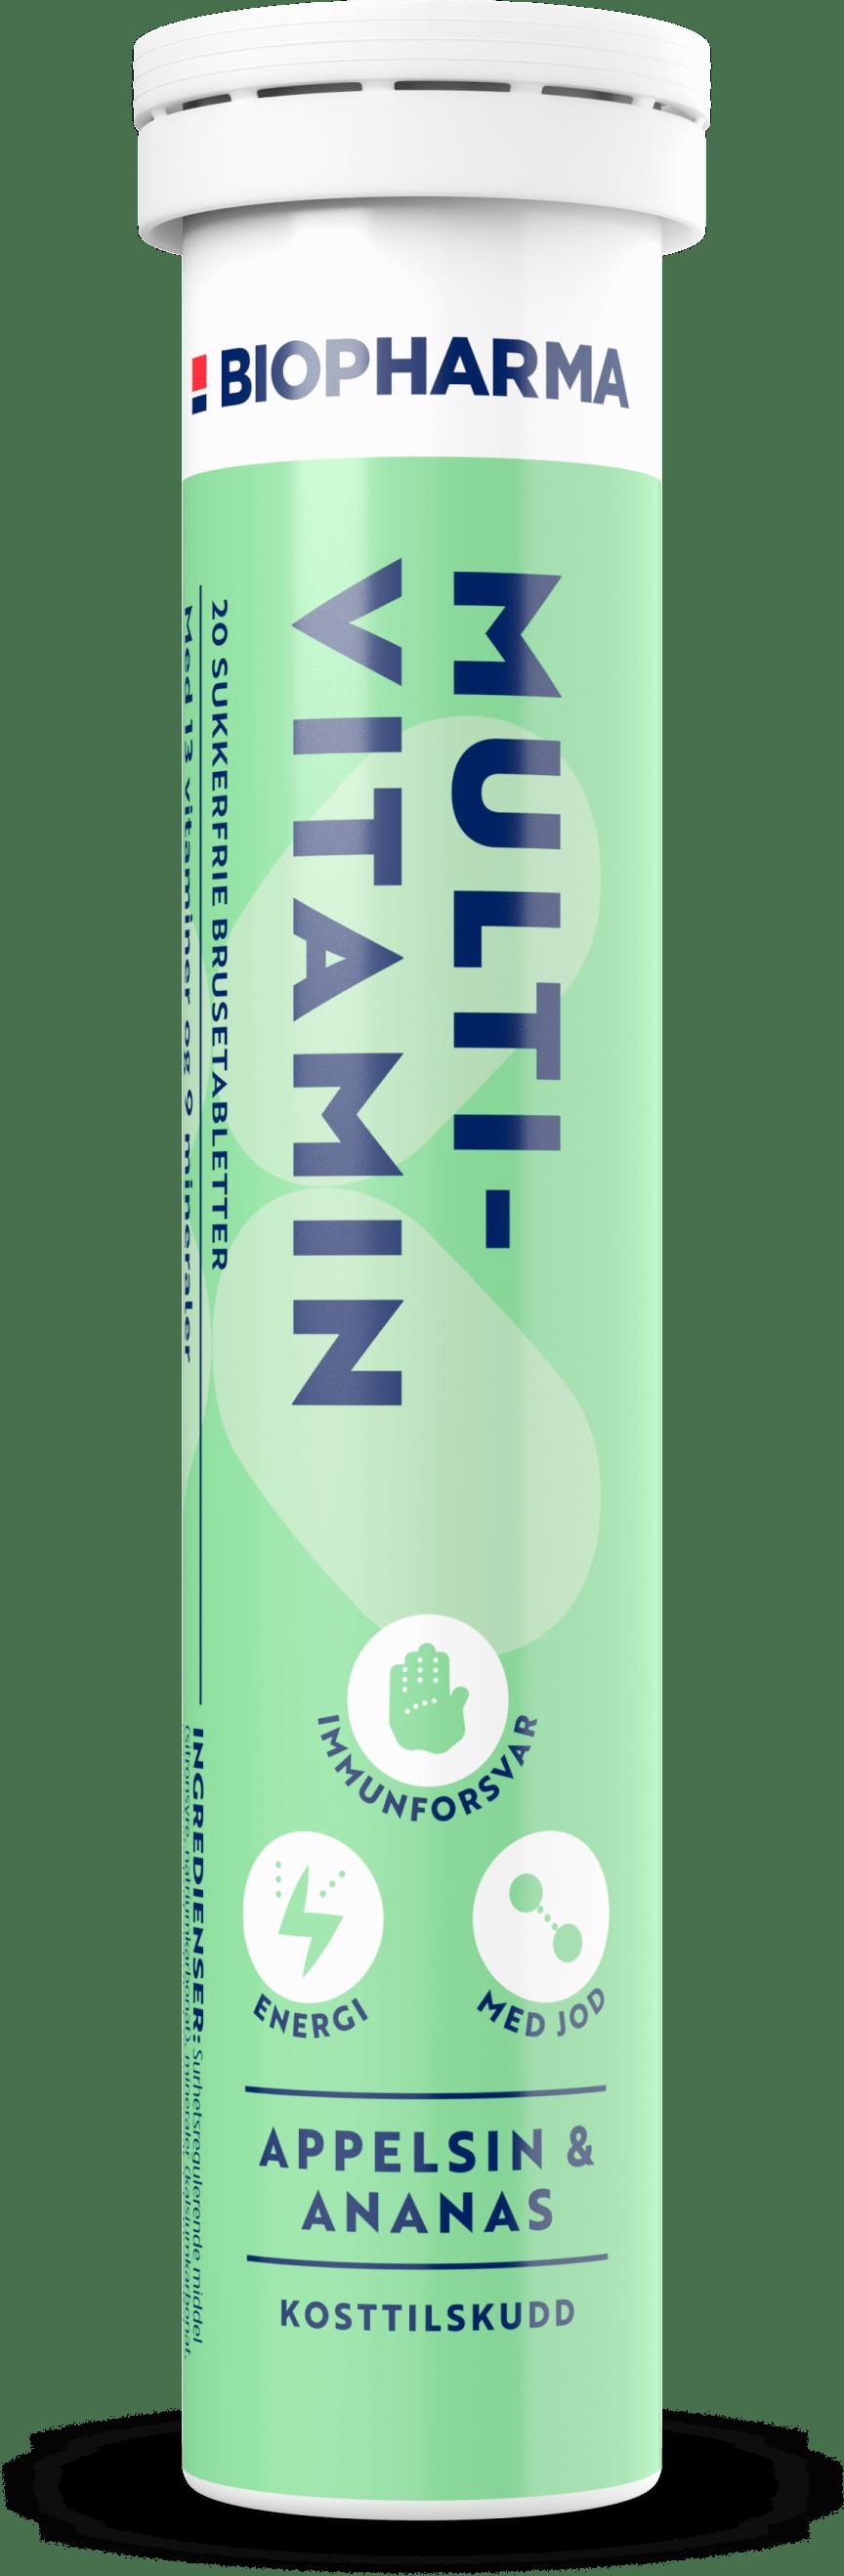 Brusetablett Multivitamin.png